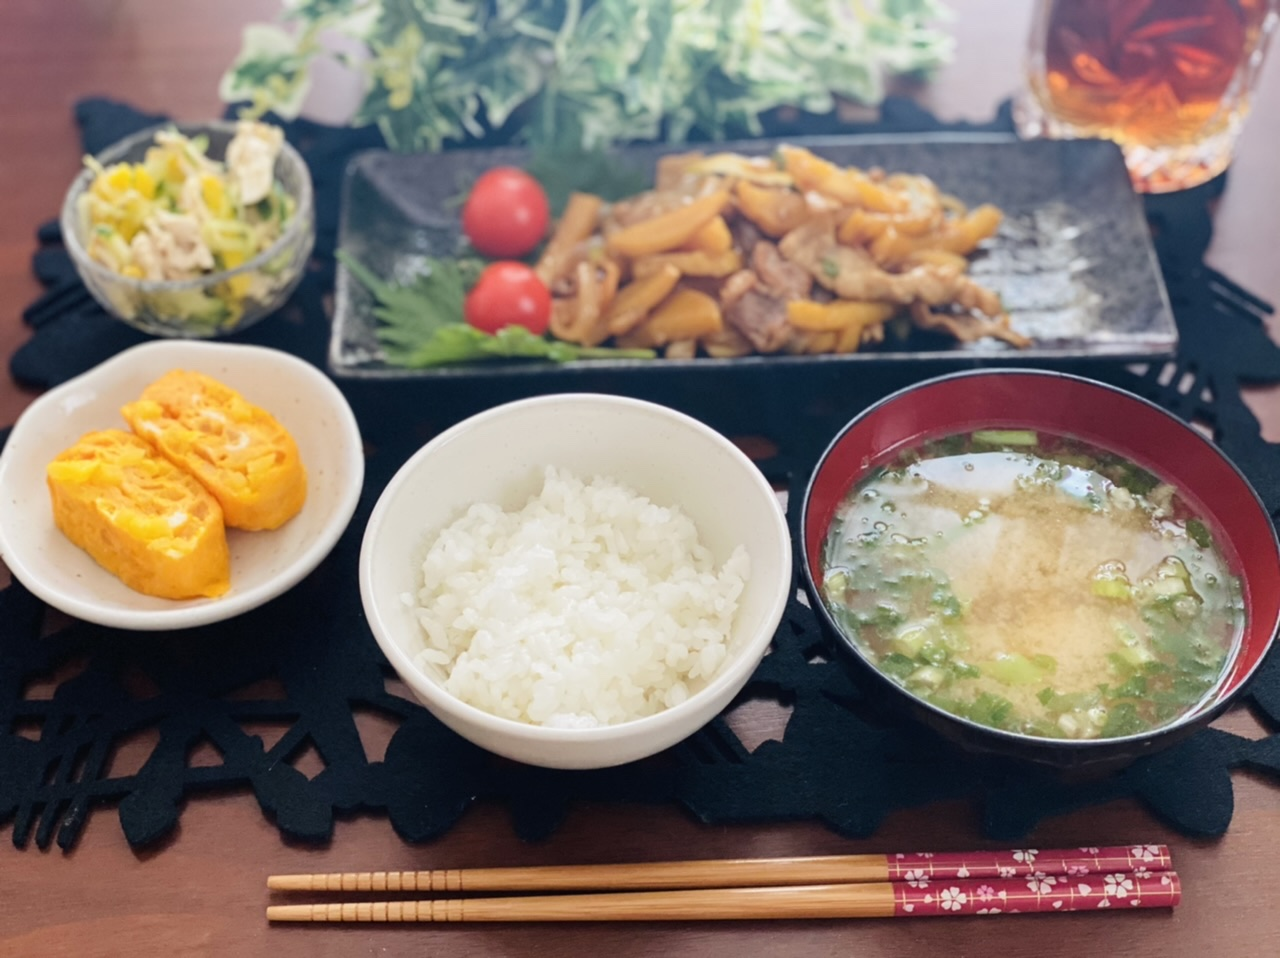 【今月のお家ごはん】アラサー女子の食卓!作り置きおかずでラク晩ご飯♡-Vol.24-_7